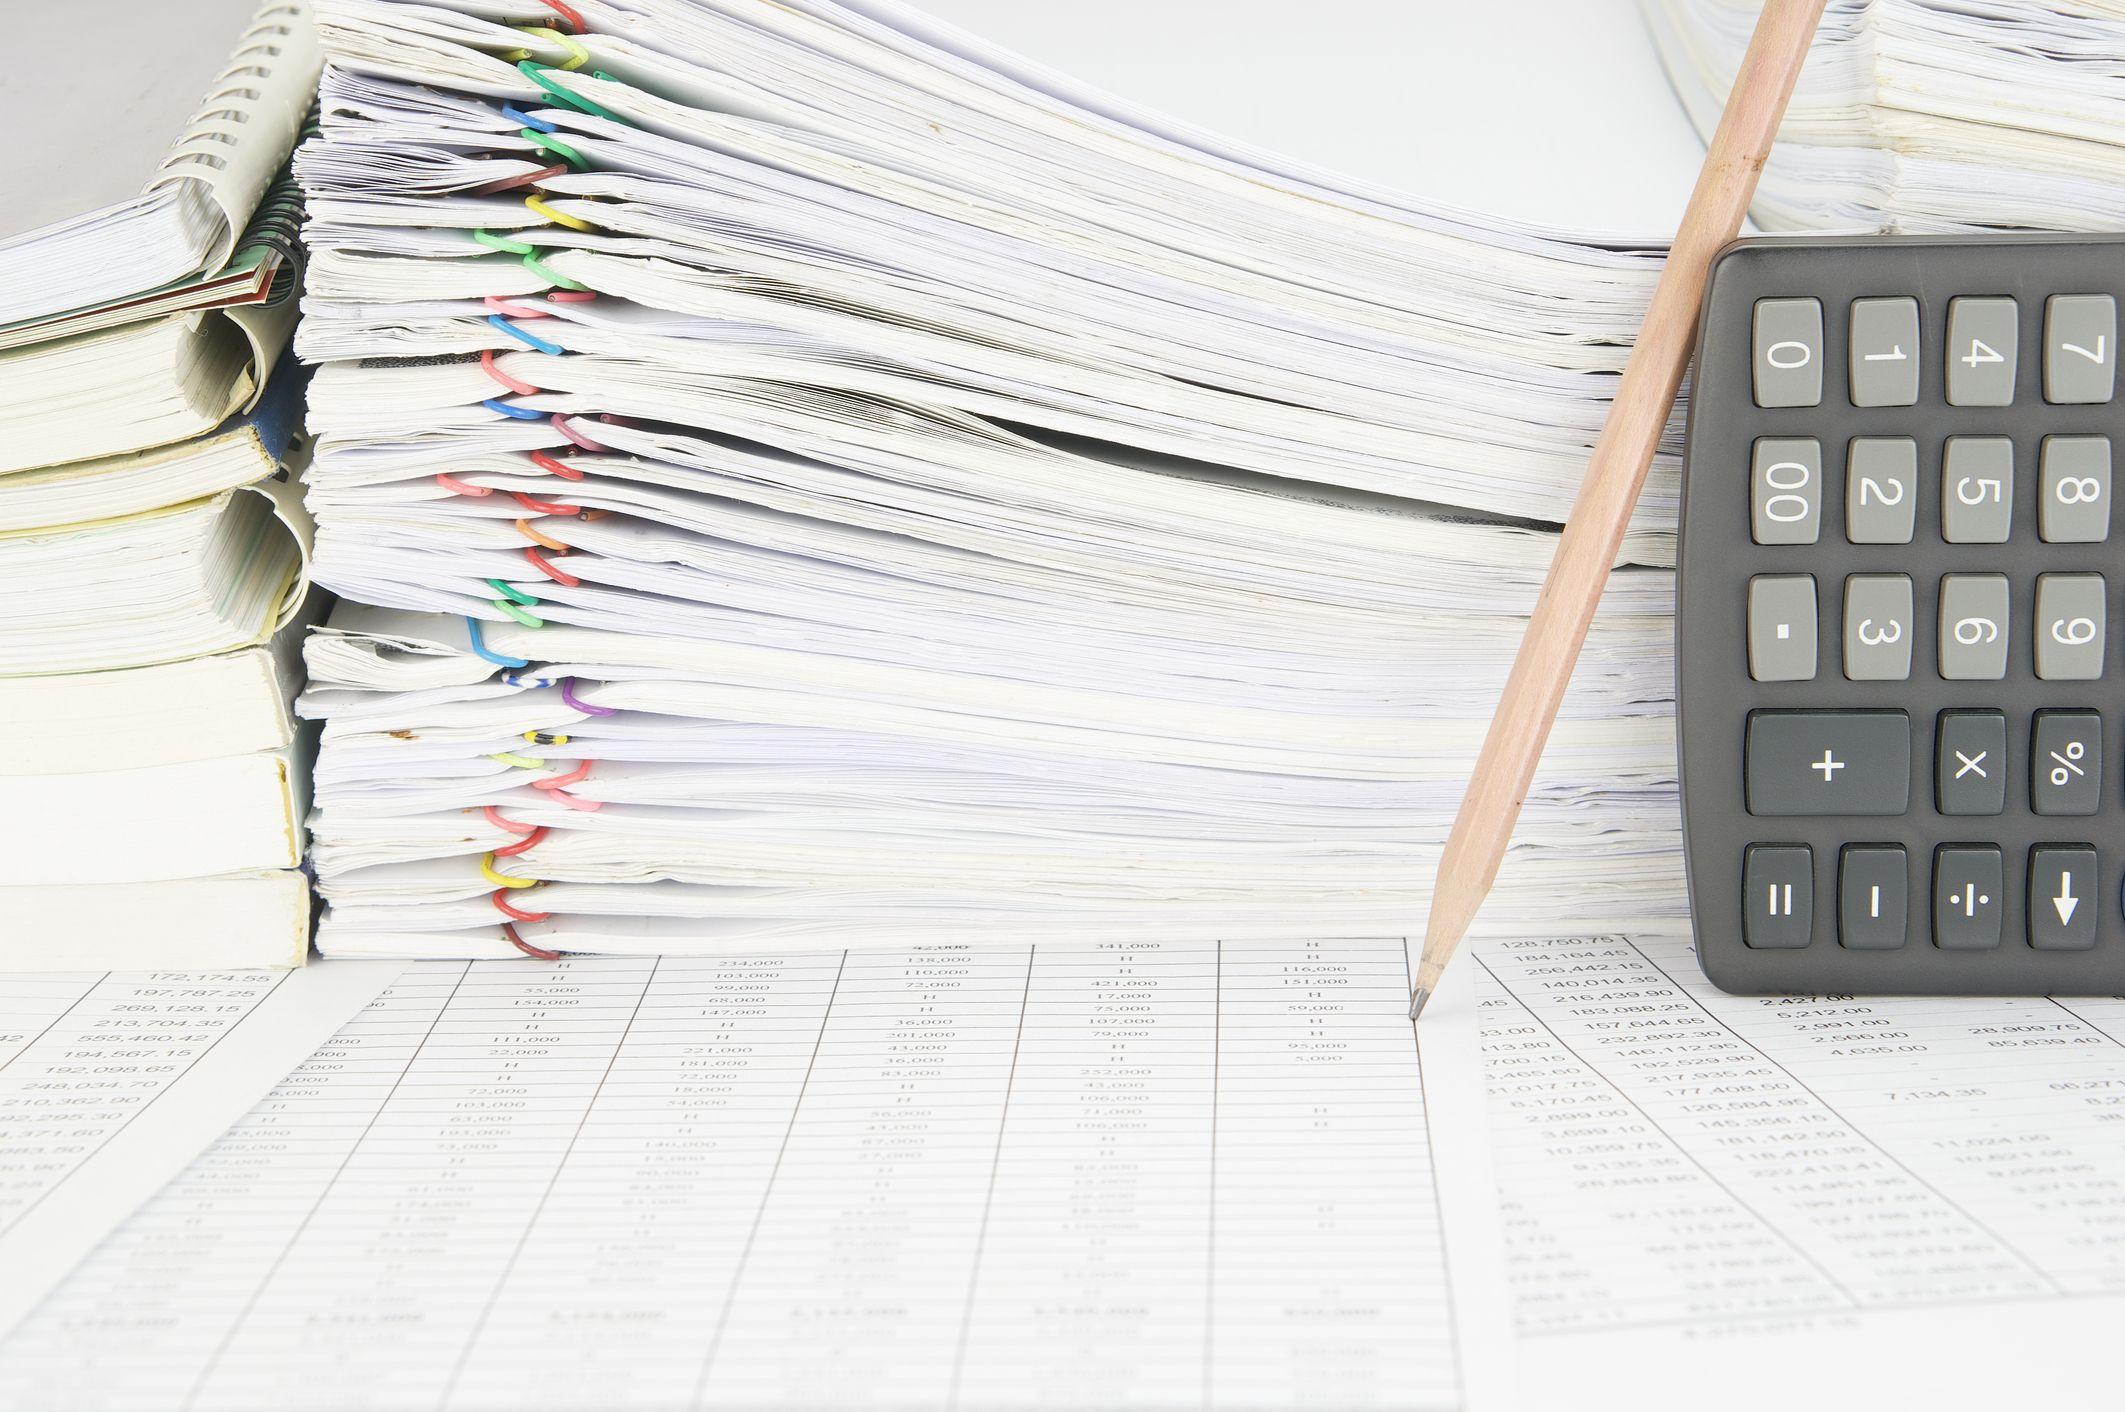 Spółka jawna - niezbędne dokumenty